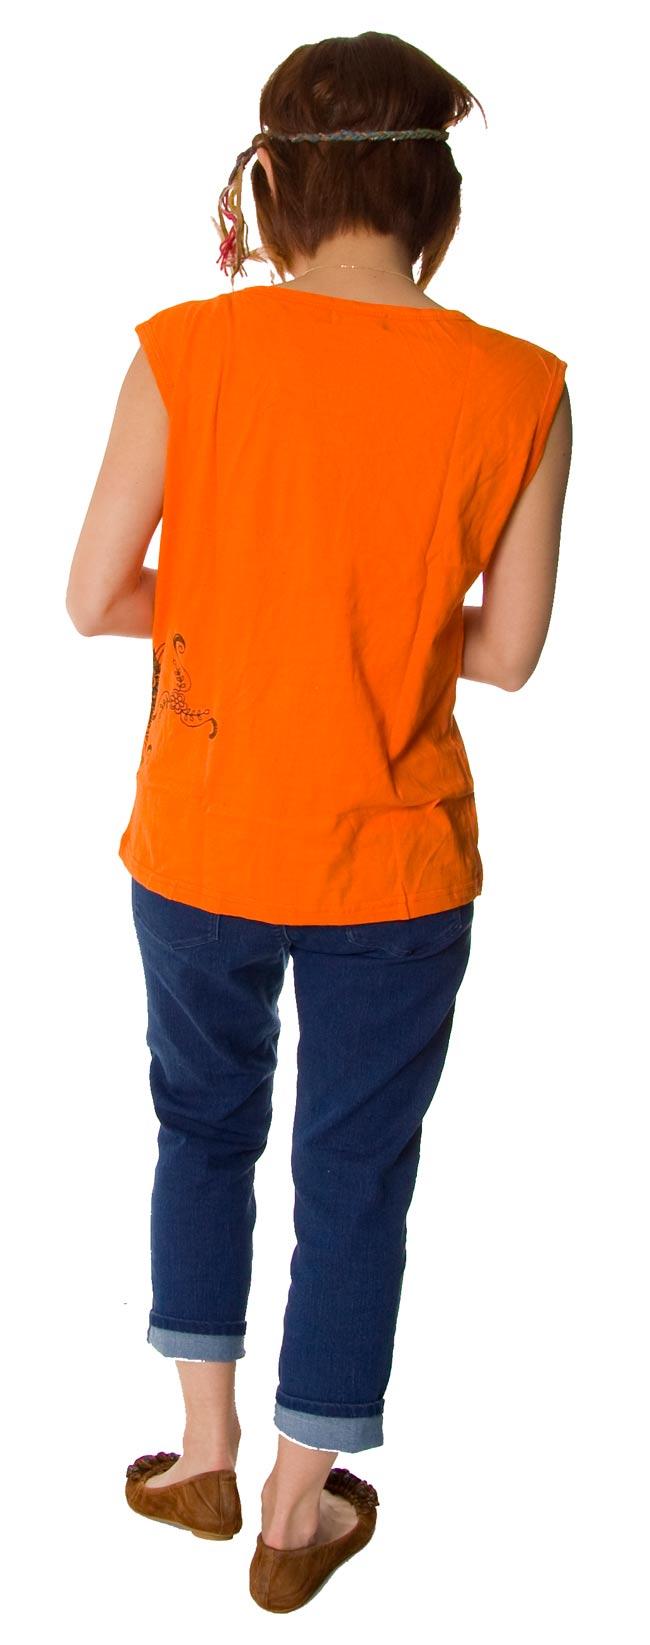 メヘンディアートプリント タンクトップ オレンジの写真2-後ろ姿はこんな感じです。\